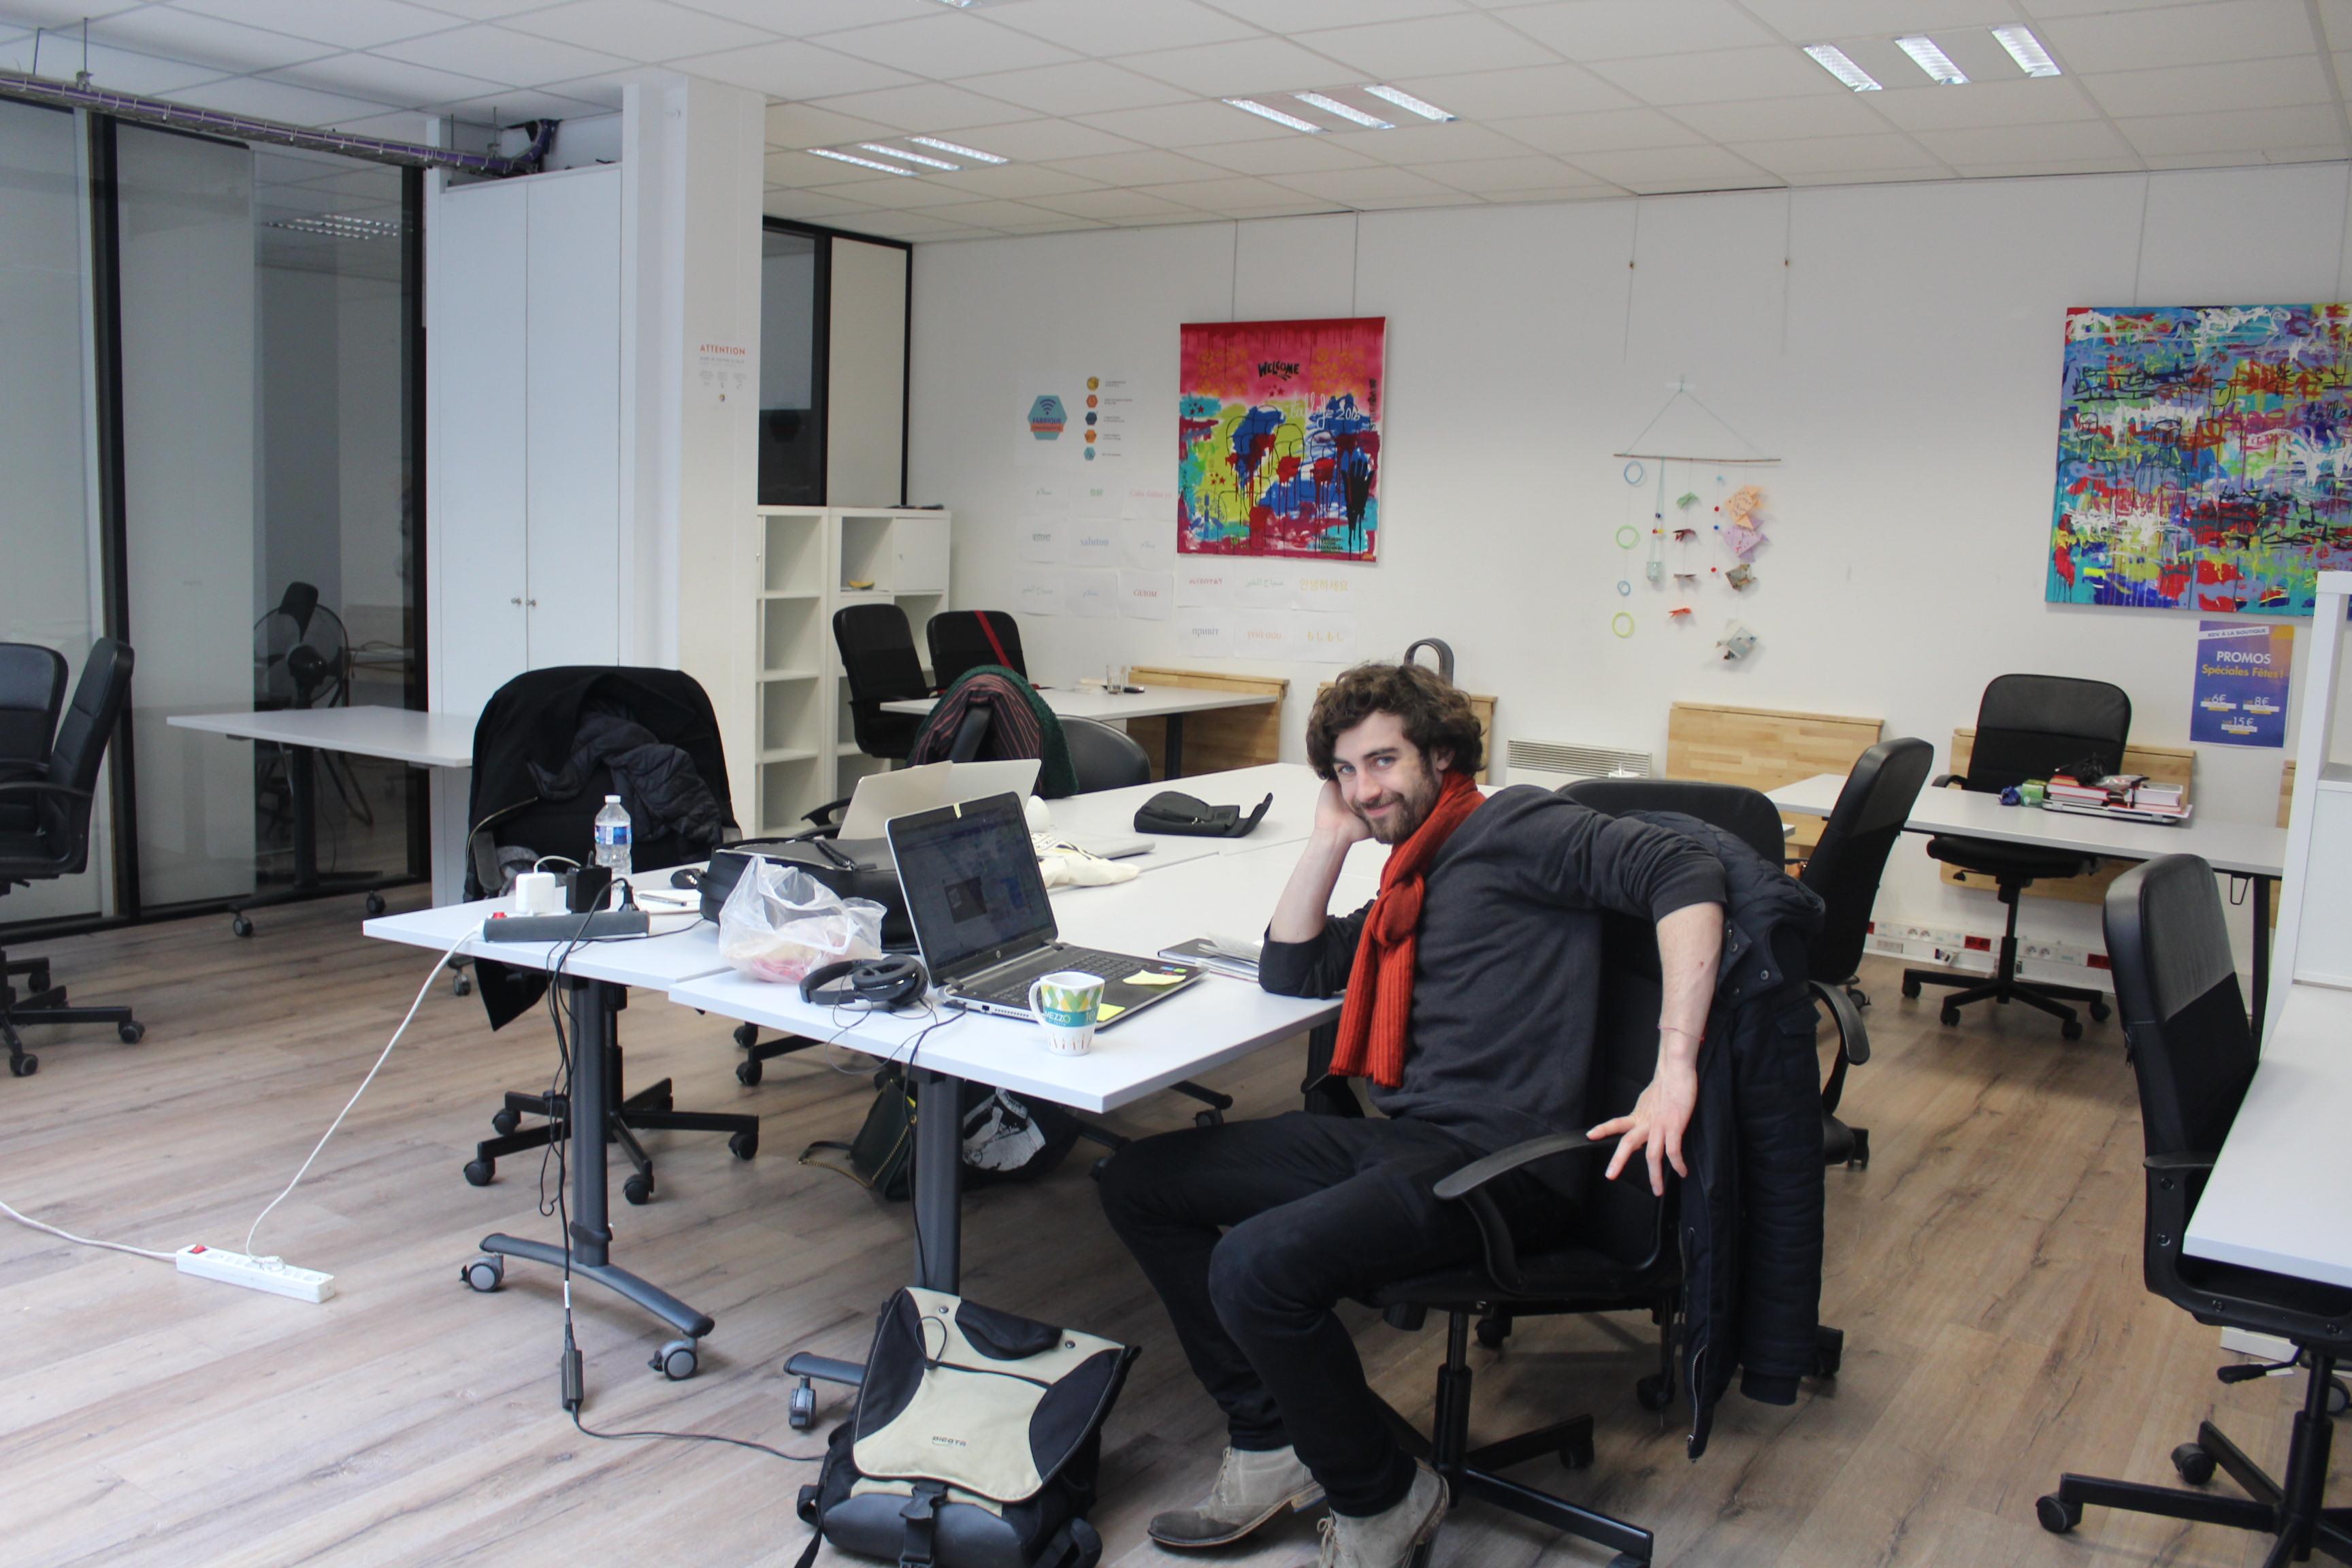 Les bureaux en open space